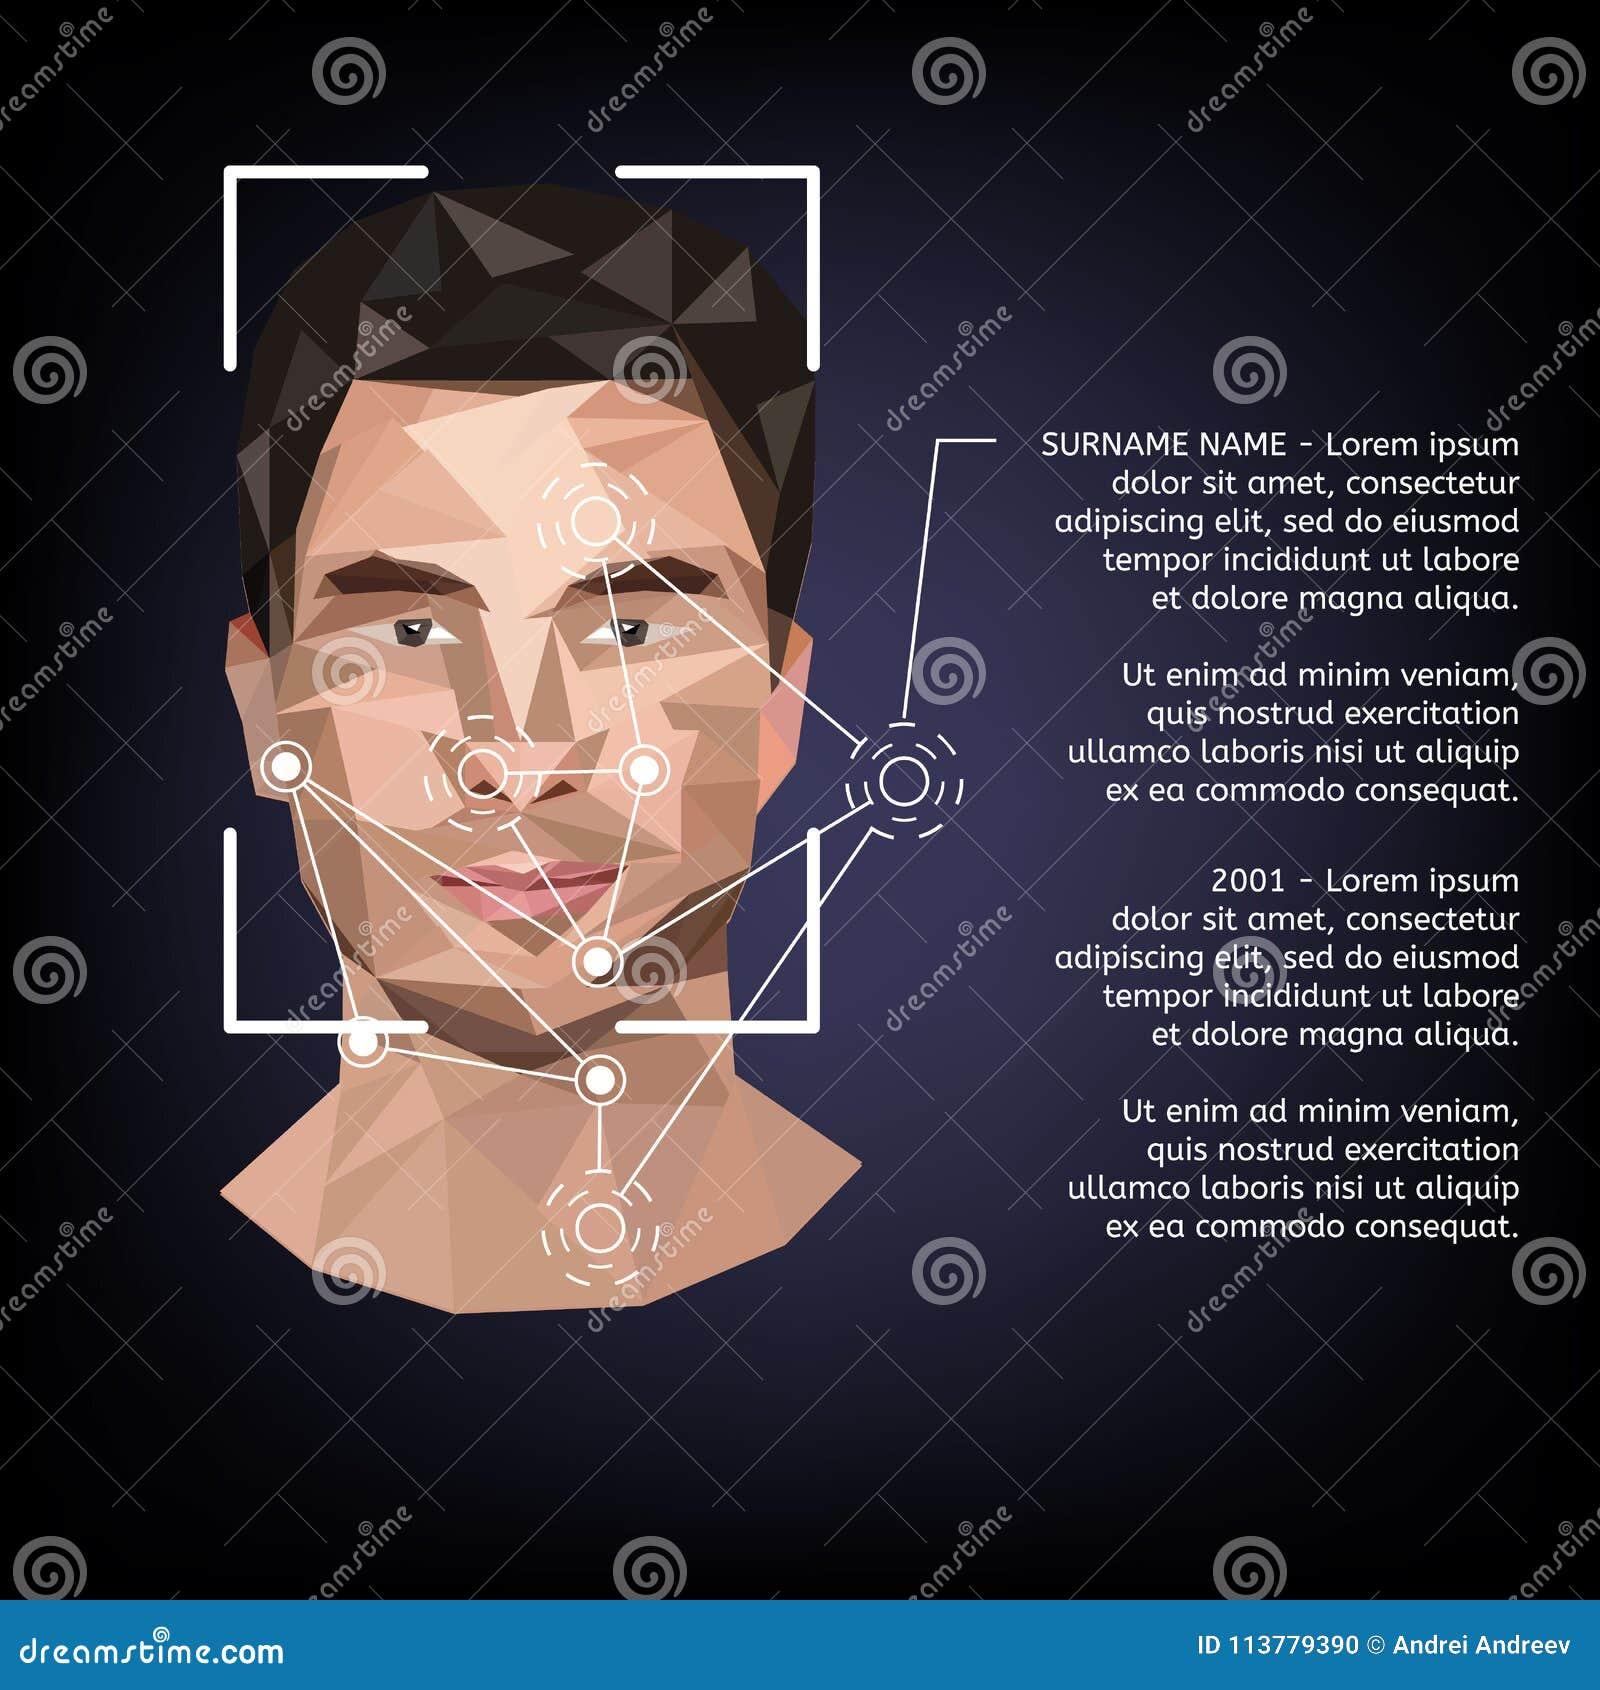 Βιομετρικός προσδιορισμός στο πρόσωπο, στο ύφος χαμηλού πολυ